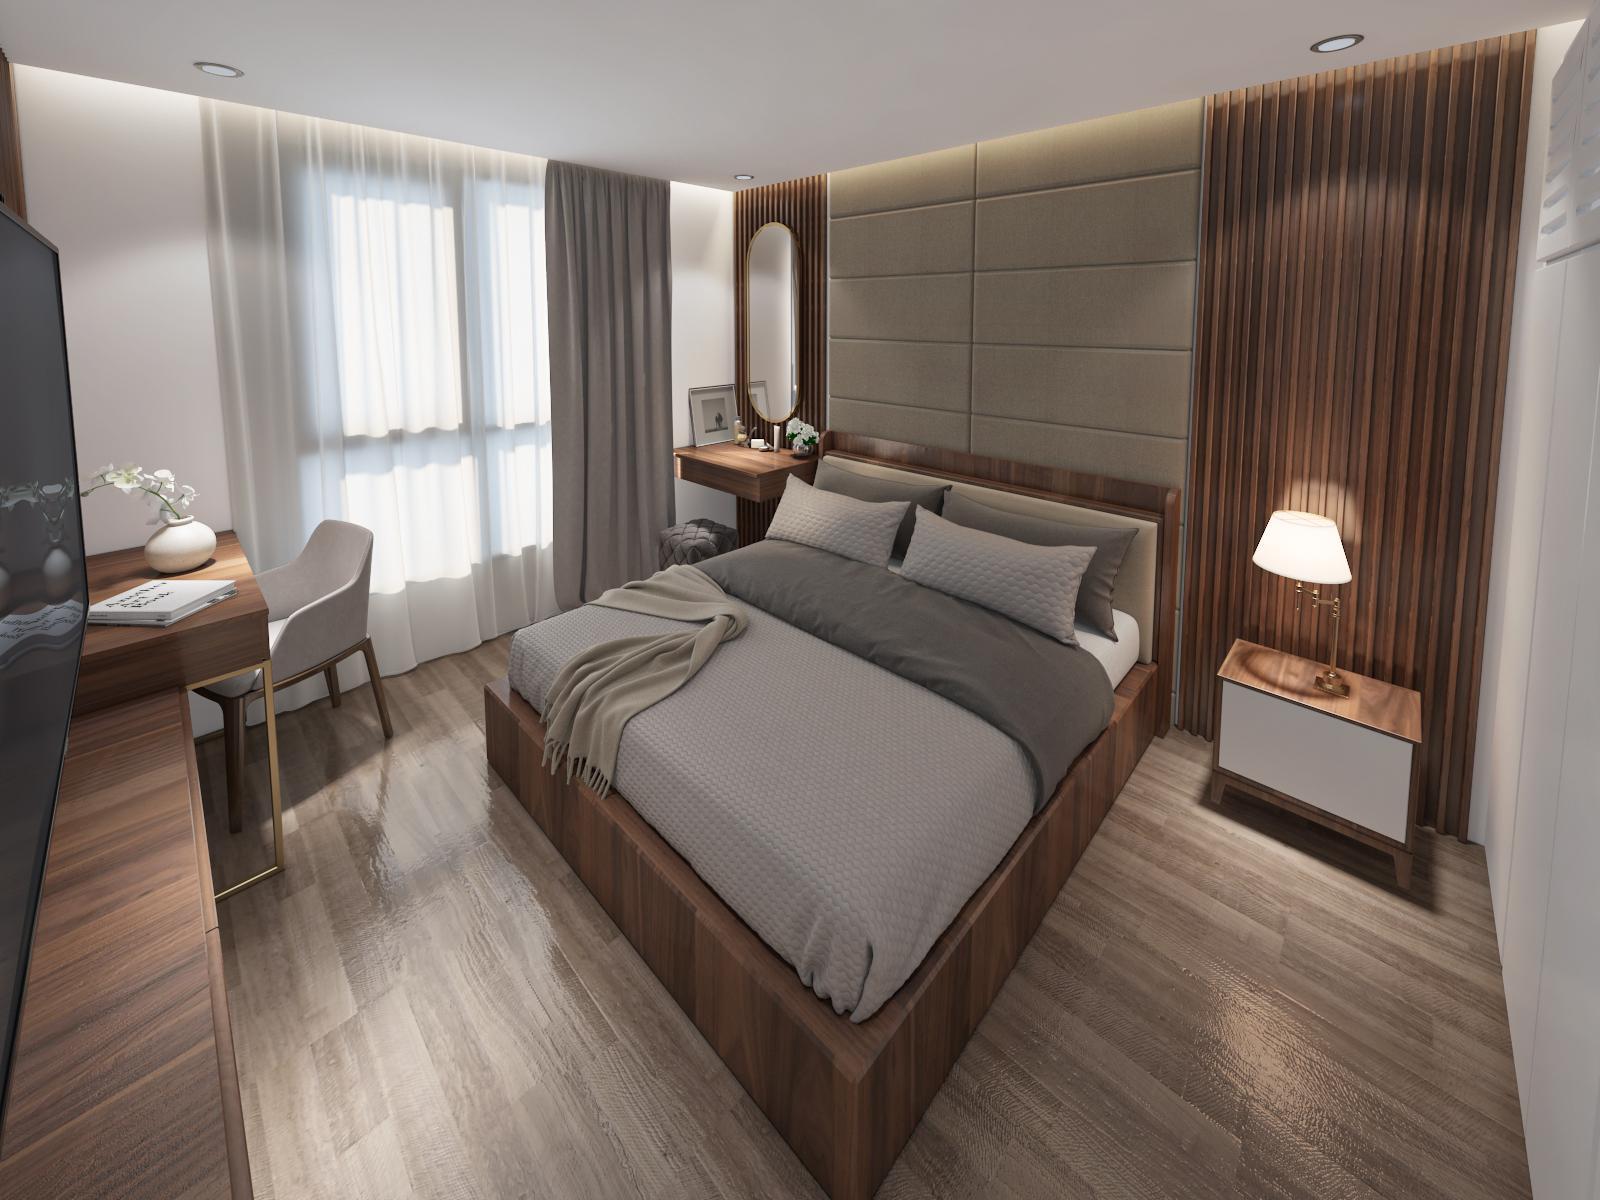 Thiết kế nội thất Chung Cư tại Hà Nội 6 Element Apartment 1584606767 4